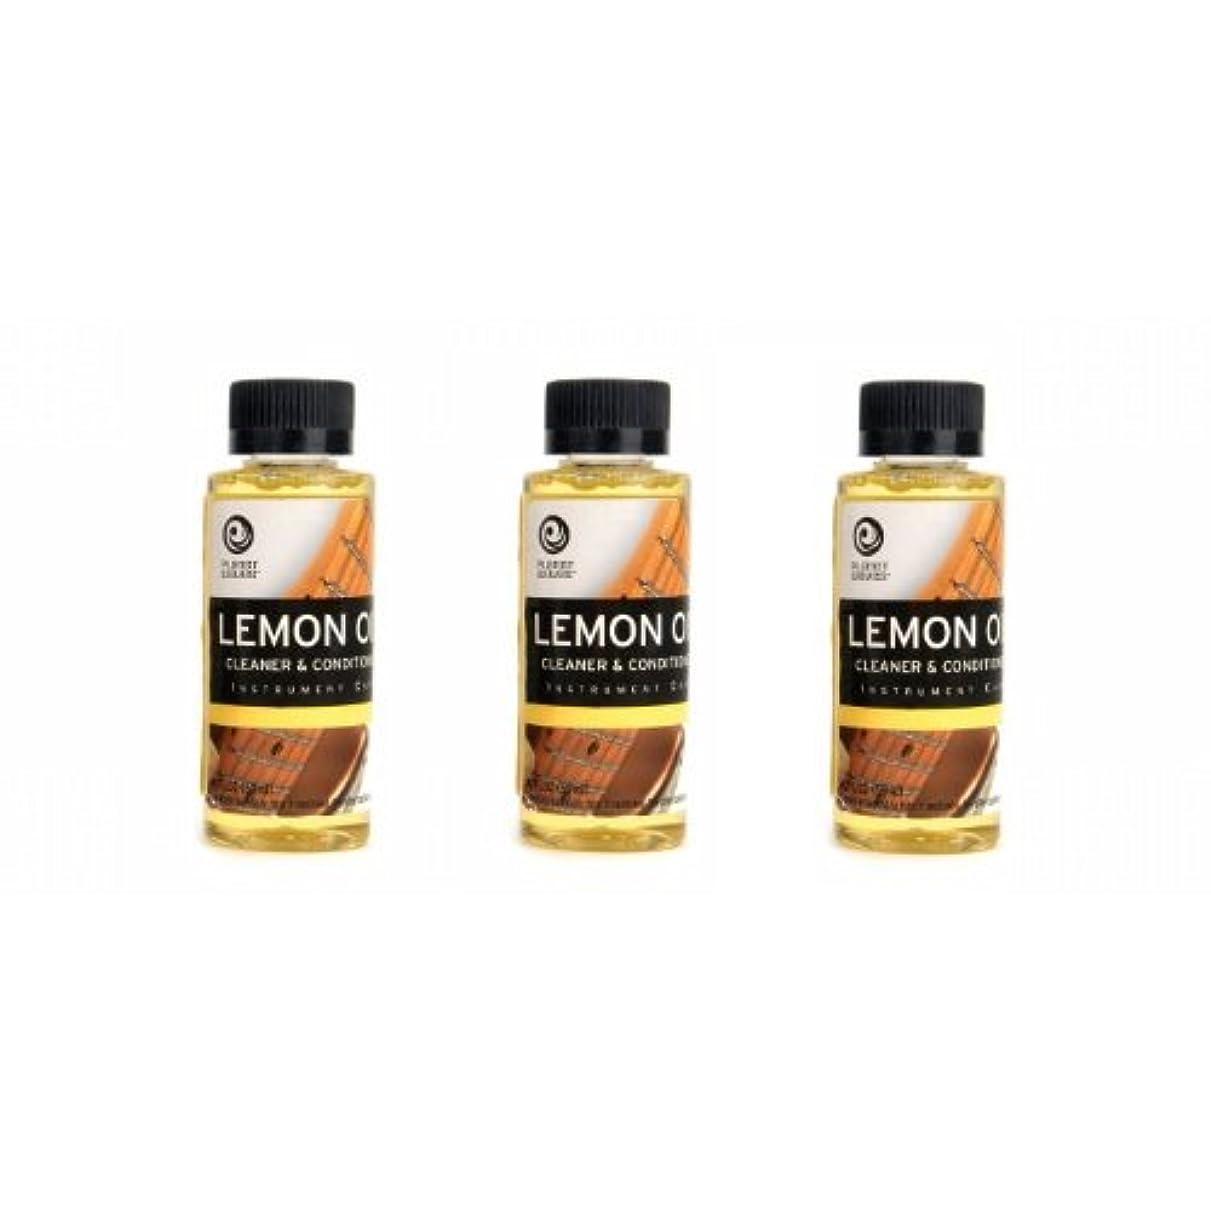 勝者啓示スライムPlanetWaves レモンオイル PW-LMN Lemon Oil 3個セット